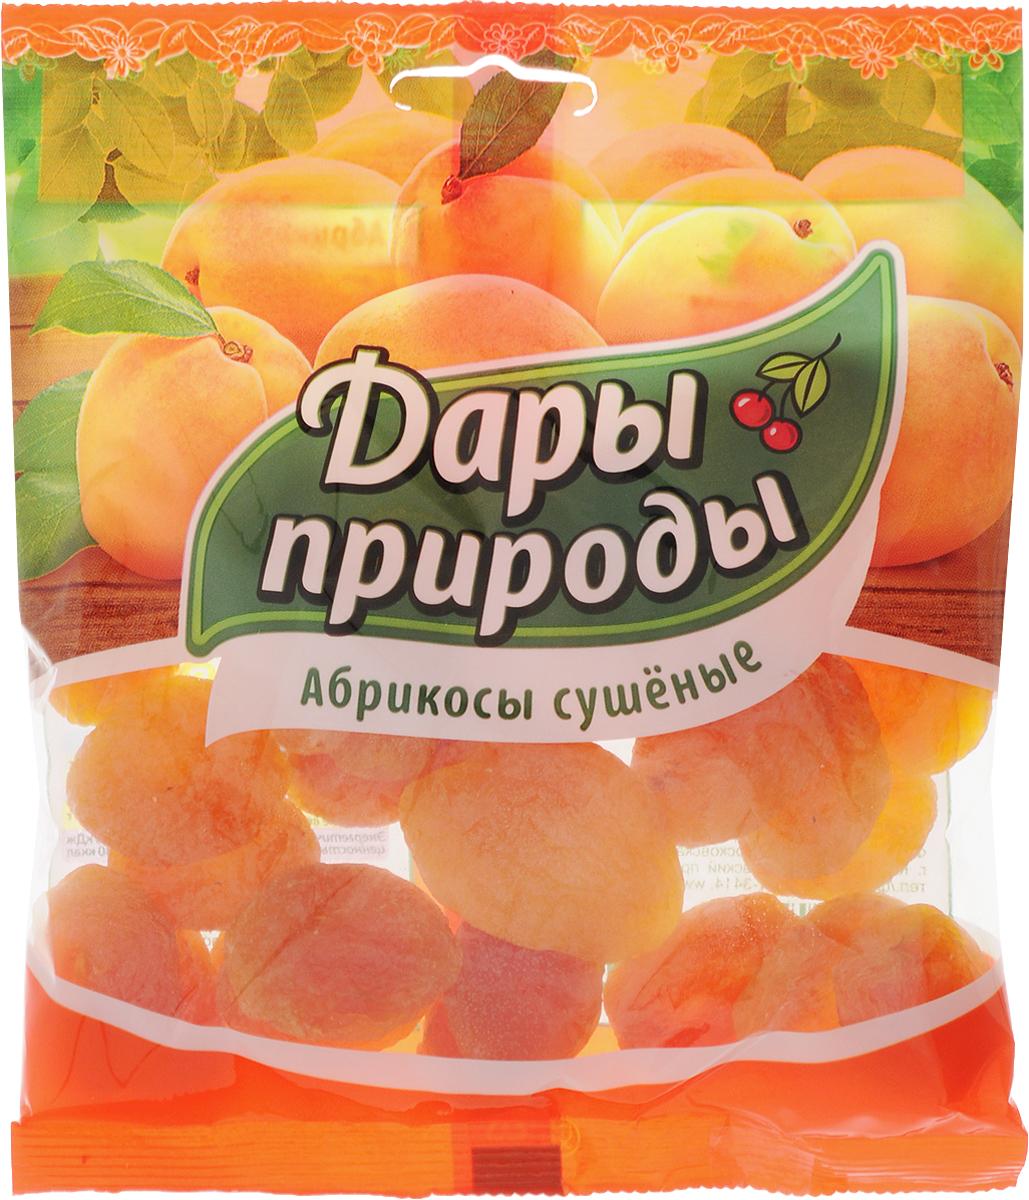 Дары Природы кайса абрикос сушеный, 150 г1233Сушеные абрикосы Дары Природы обладают высокими вкусовыми качествами, быстро утоляют чувство голода, обогащают организм витаминами и микроэлементами. Это не только очень вкусный, но и необыкновенно полезный продукт.